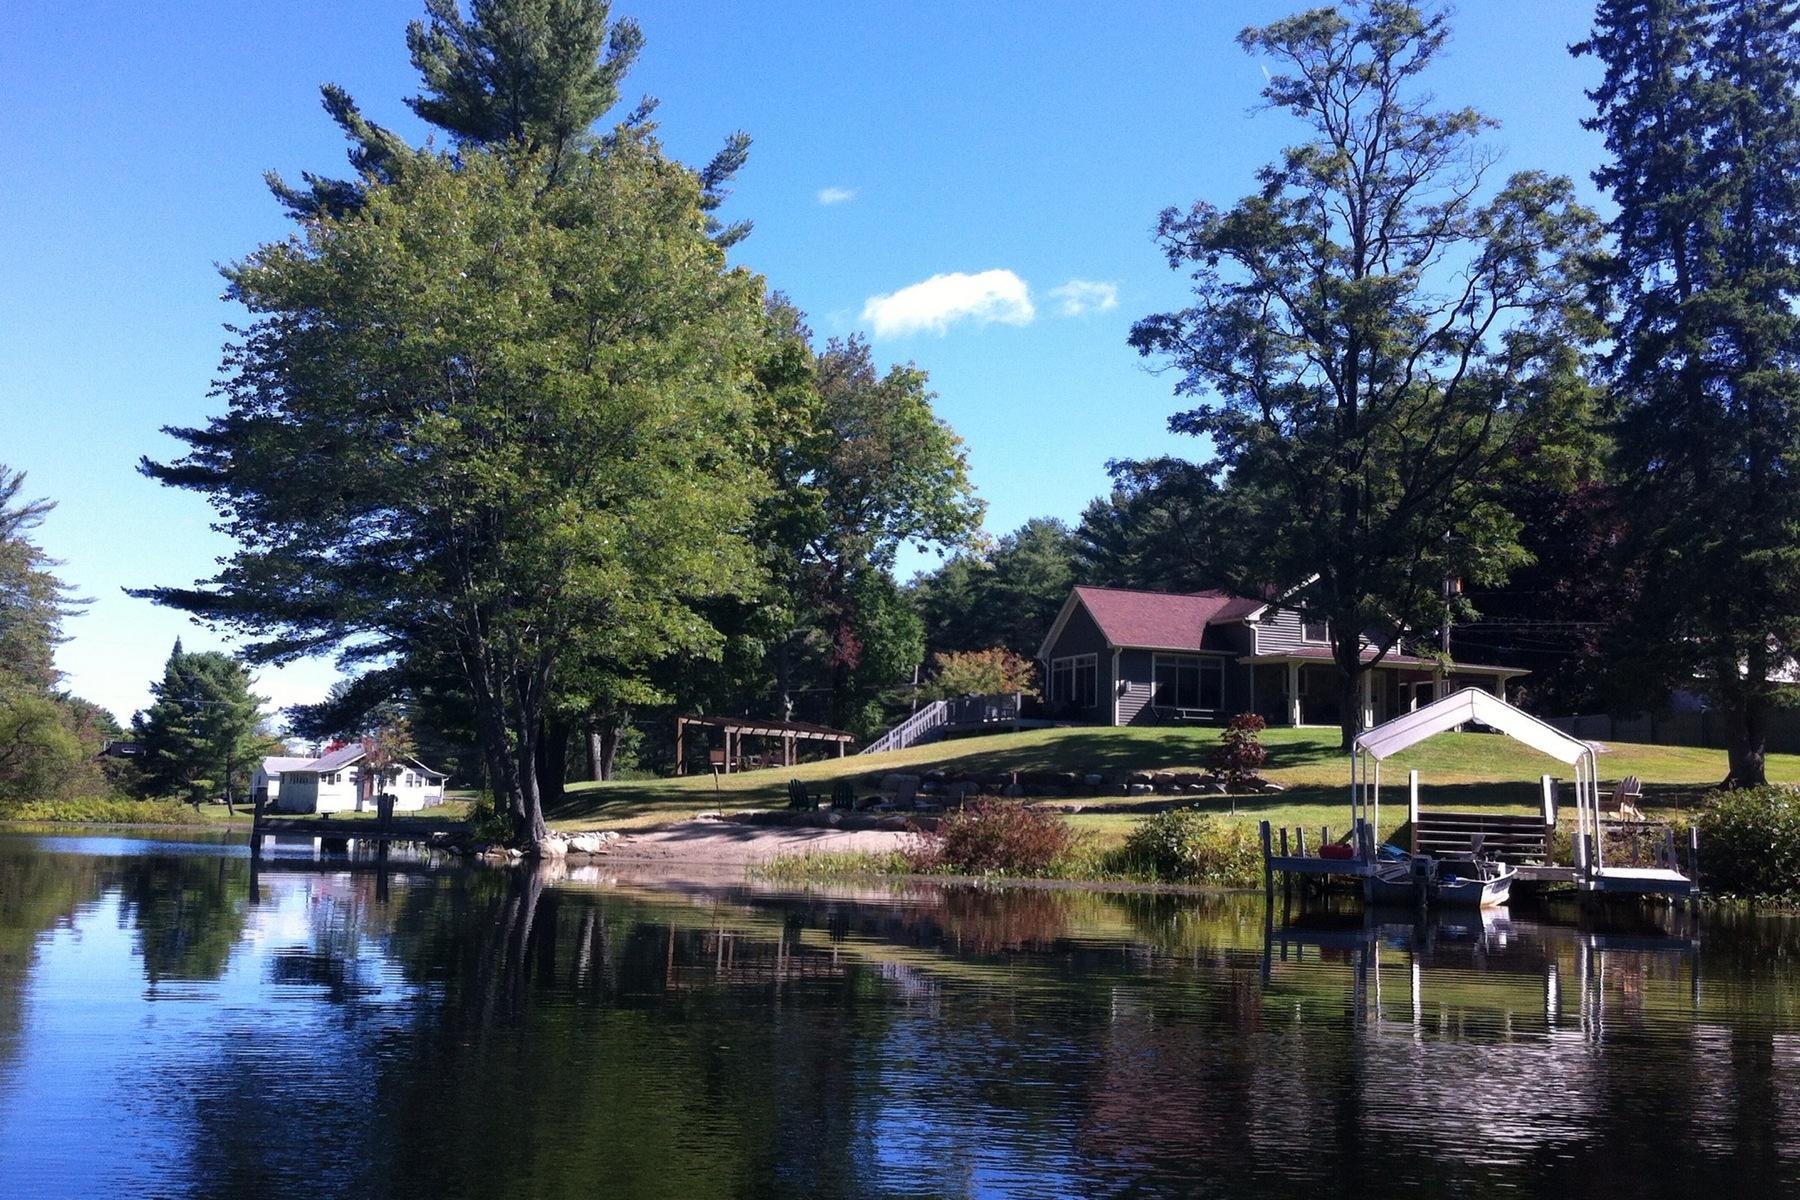 Casa Unifamiliar por un Venta en Brant Lake Cottage 6653 State Route8 Horicon, Nueva York 12815 Estados Unidos